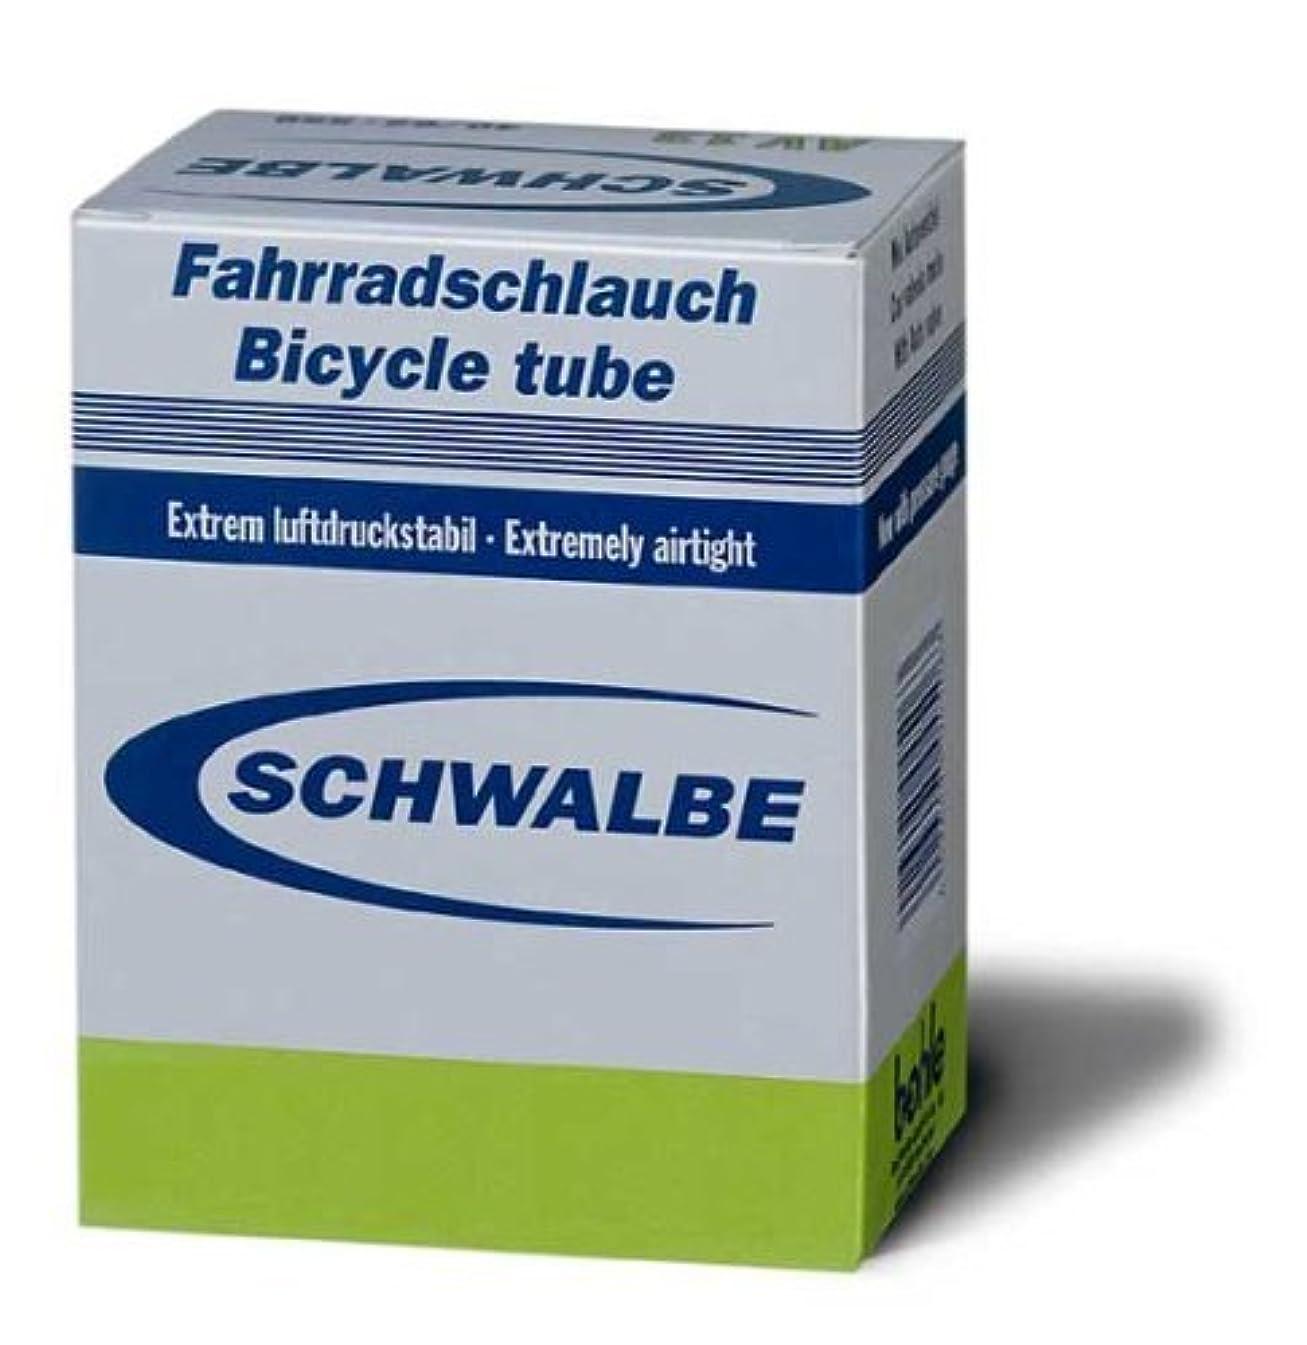 やりがいのある農村昆虫を見るSchwalbe AV15-Chambre à air - 700 x 18/28 à air à valve Schrader